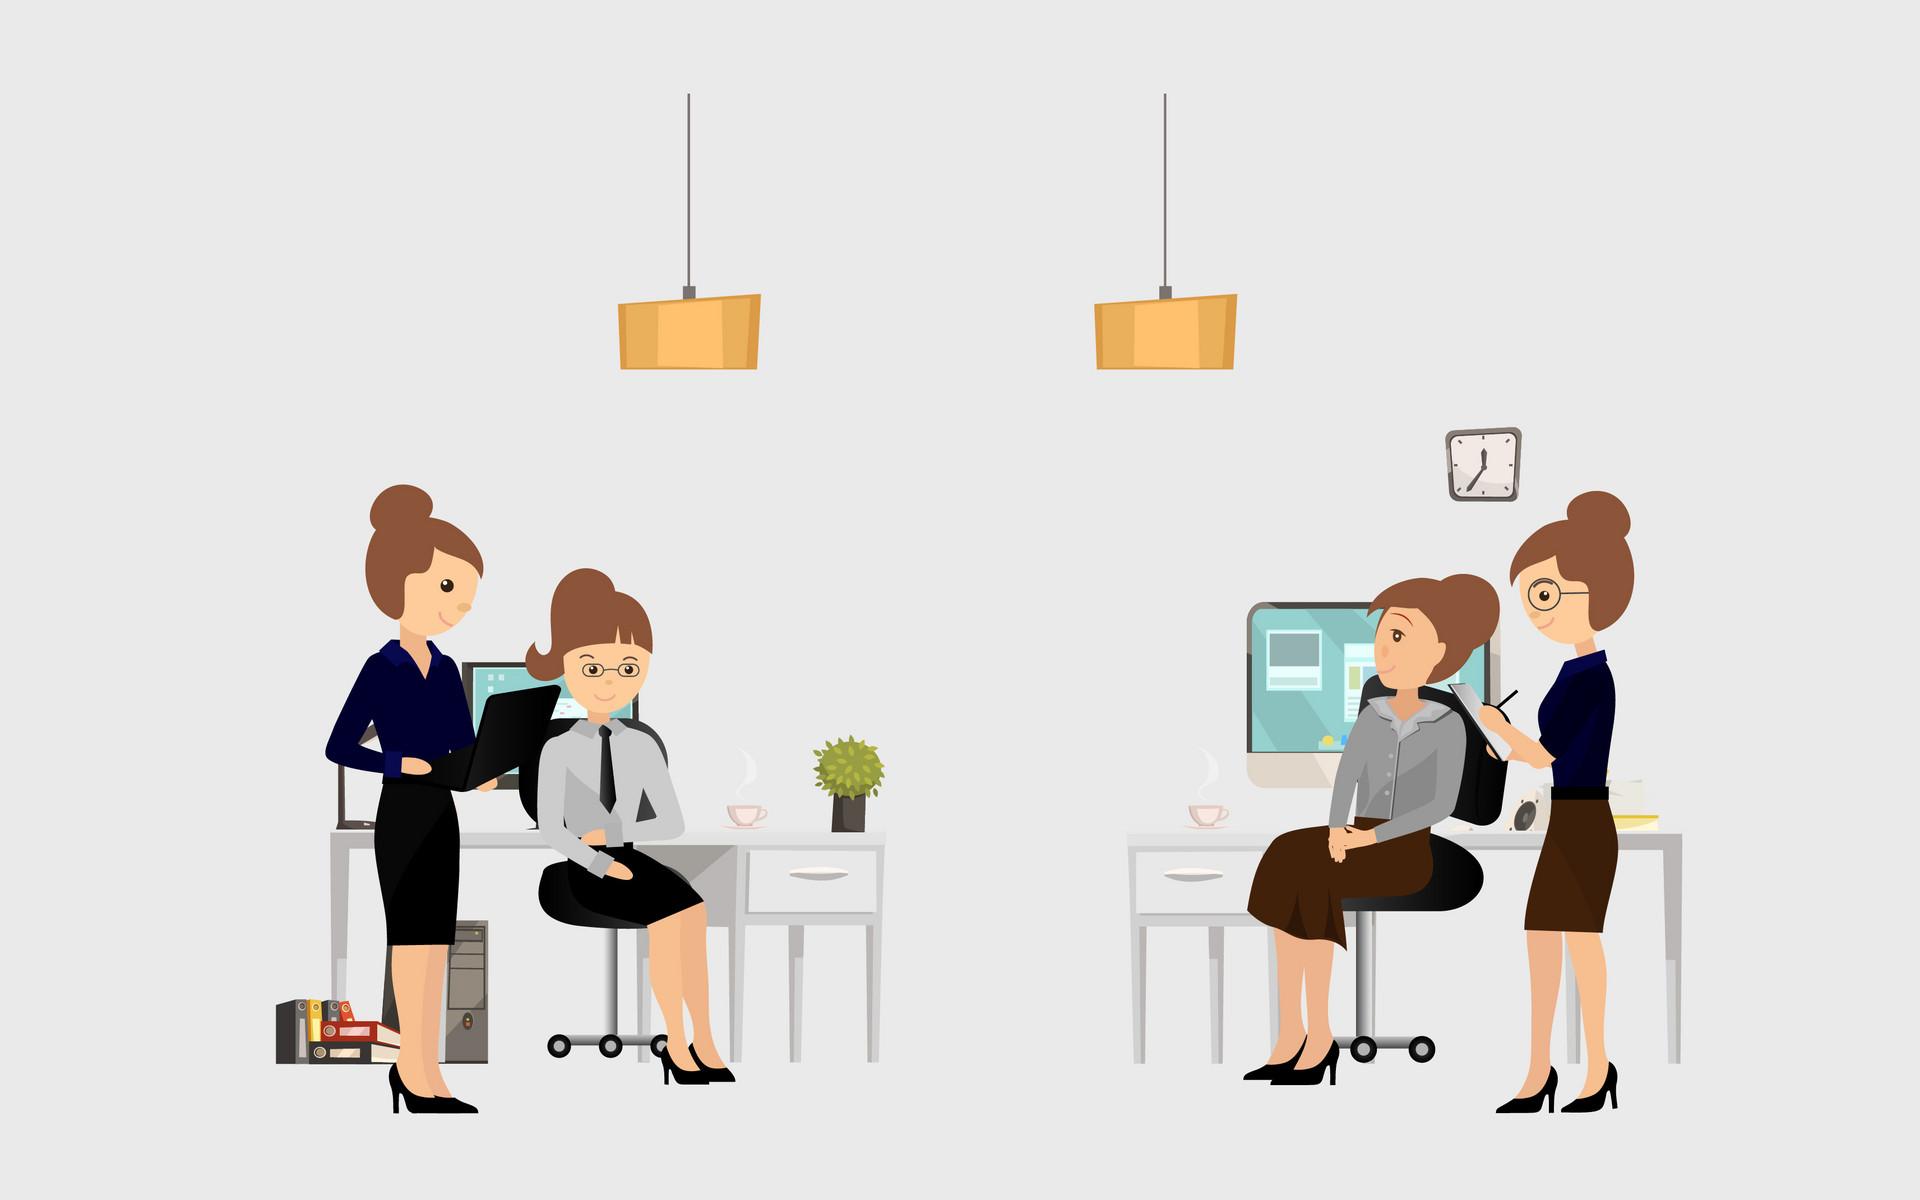 深圳社保代理公司怎么样 它能做哪些工作